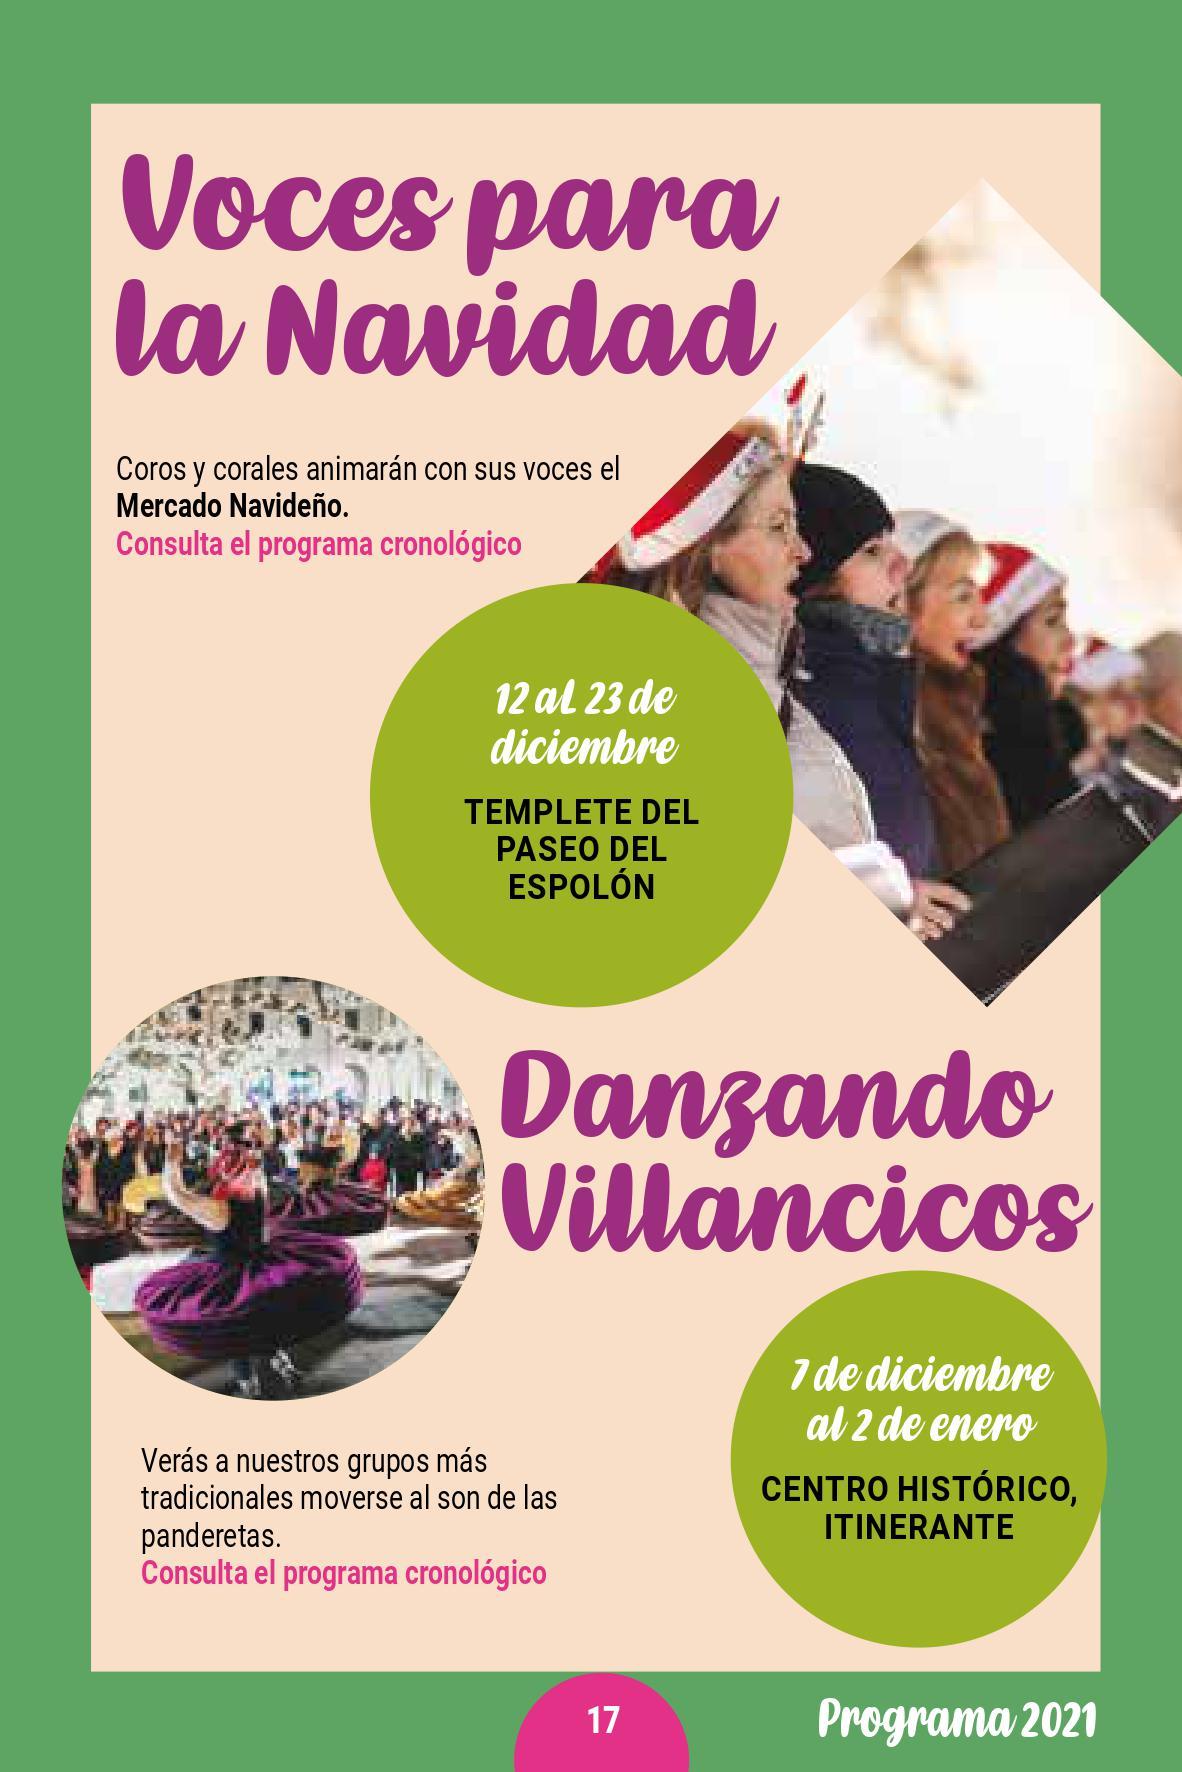 La Navidad en Burgos